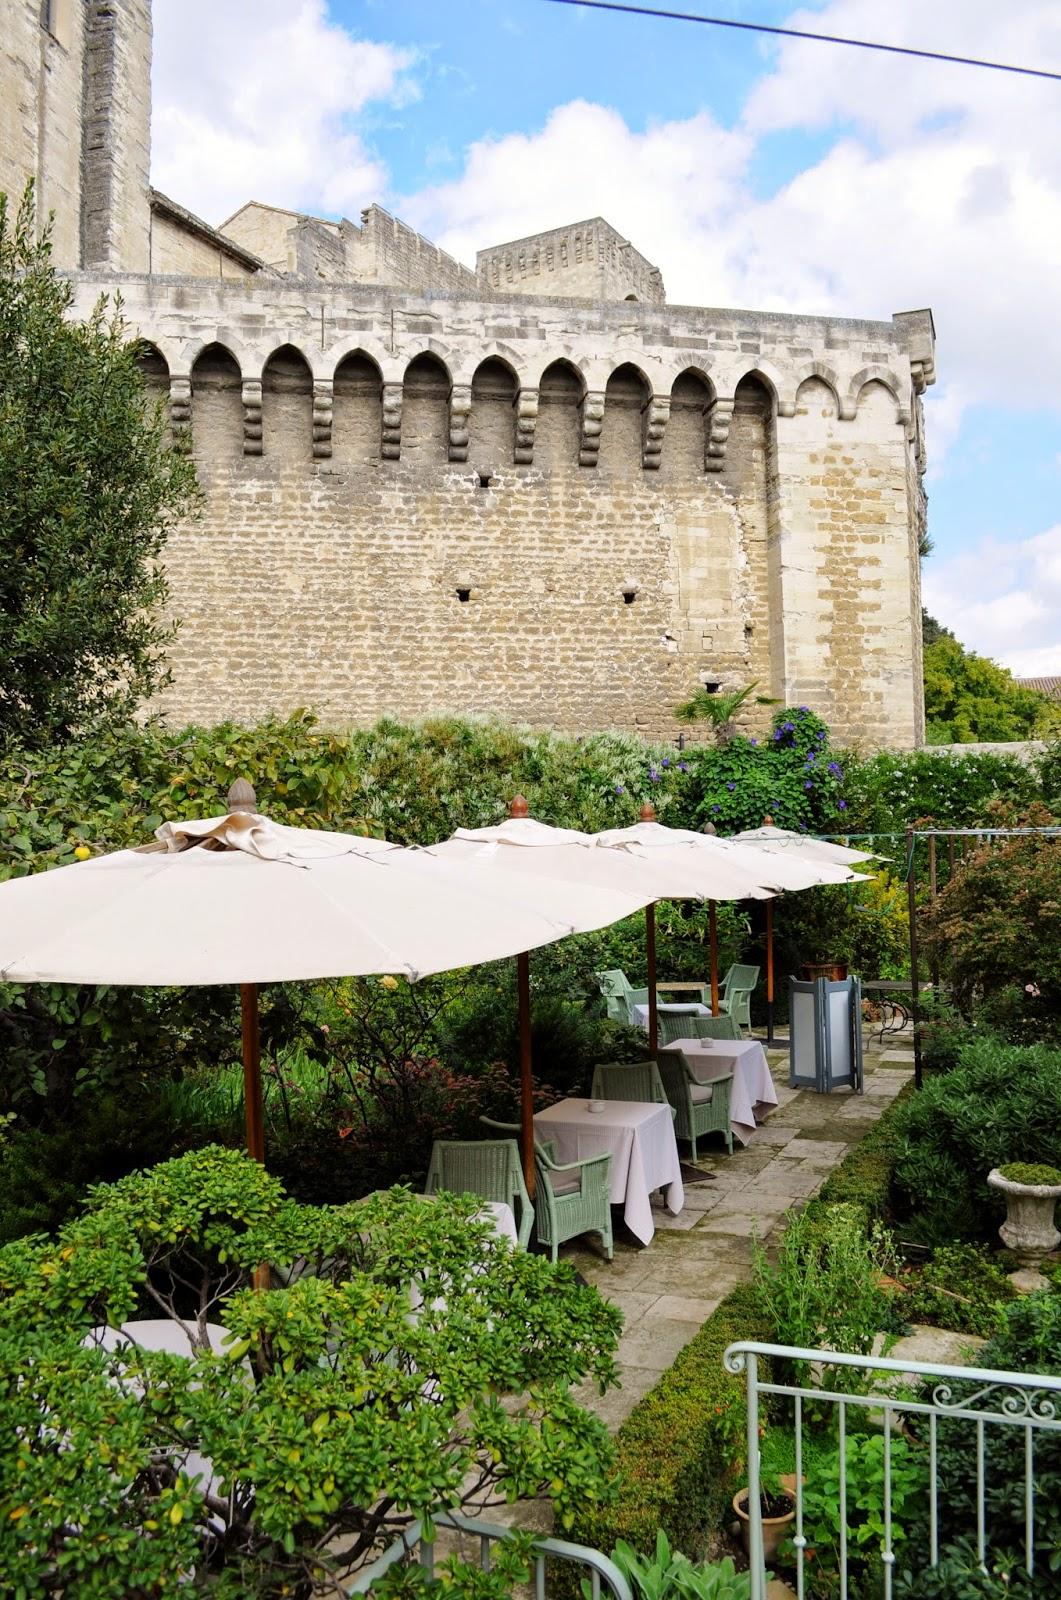 Our house in provence the little train and lunch at la mirande restaurant in avignon - Restaurant la mirande avignon ...